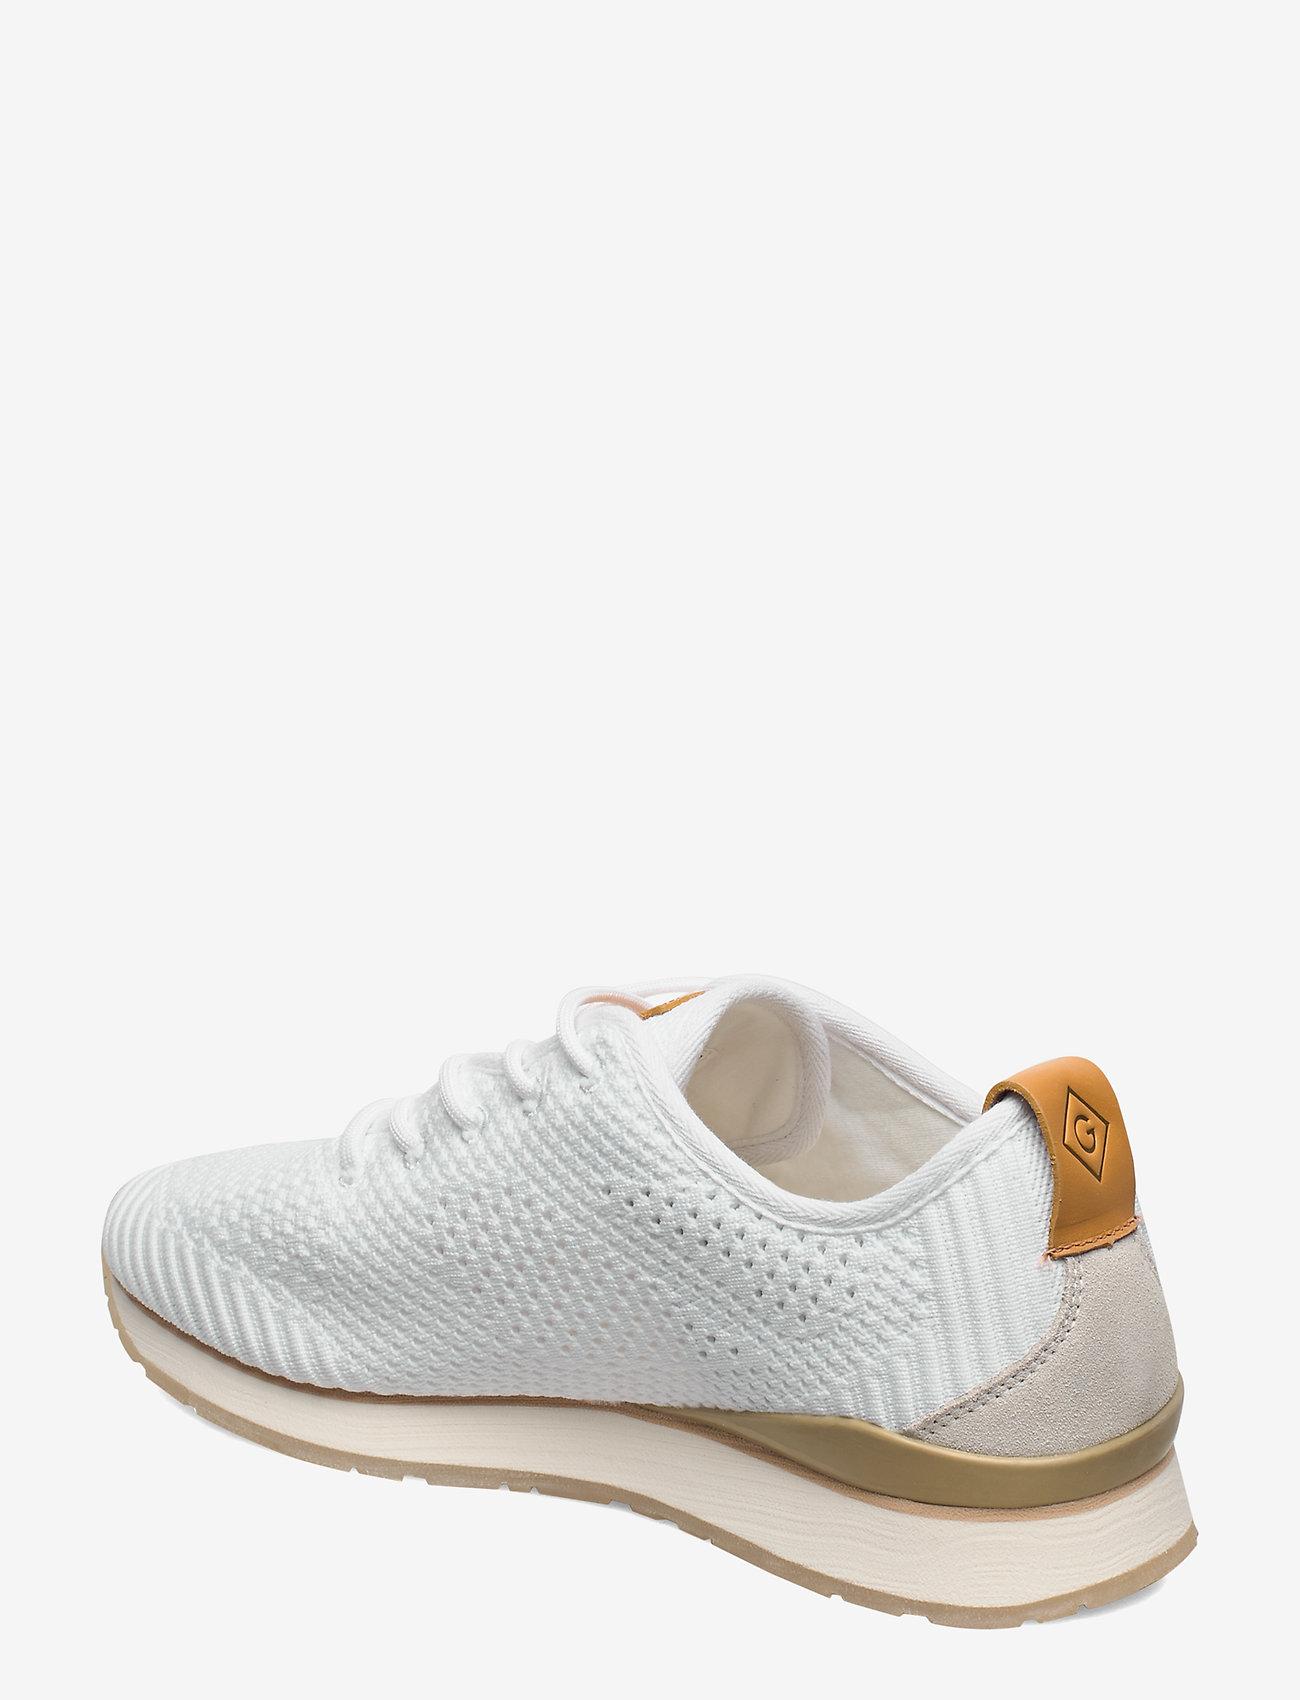 Bevinda Sneaker (Off White) - GANT